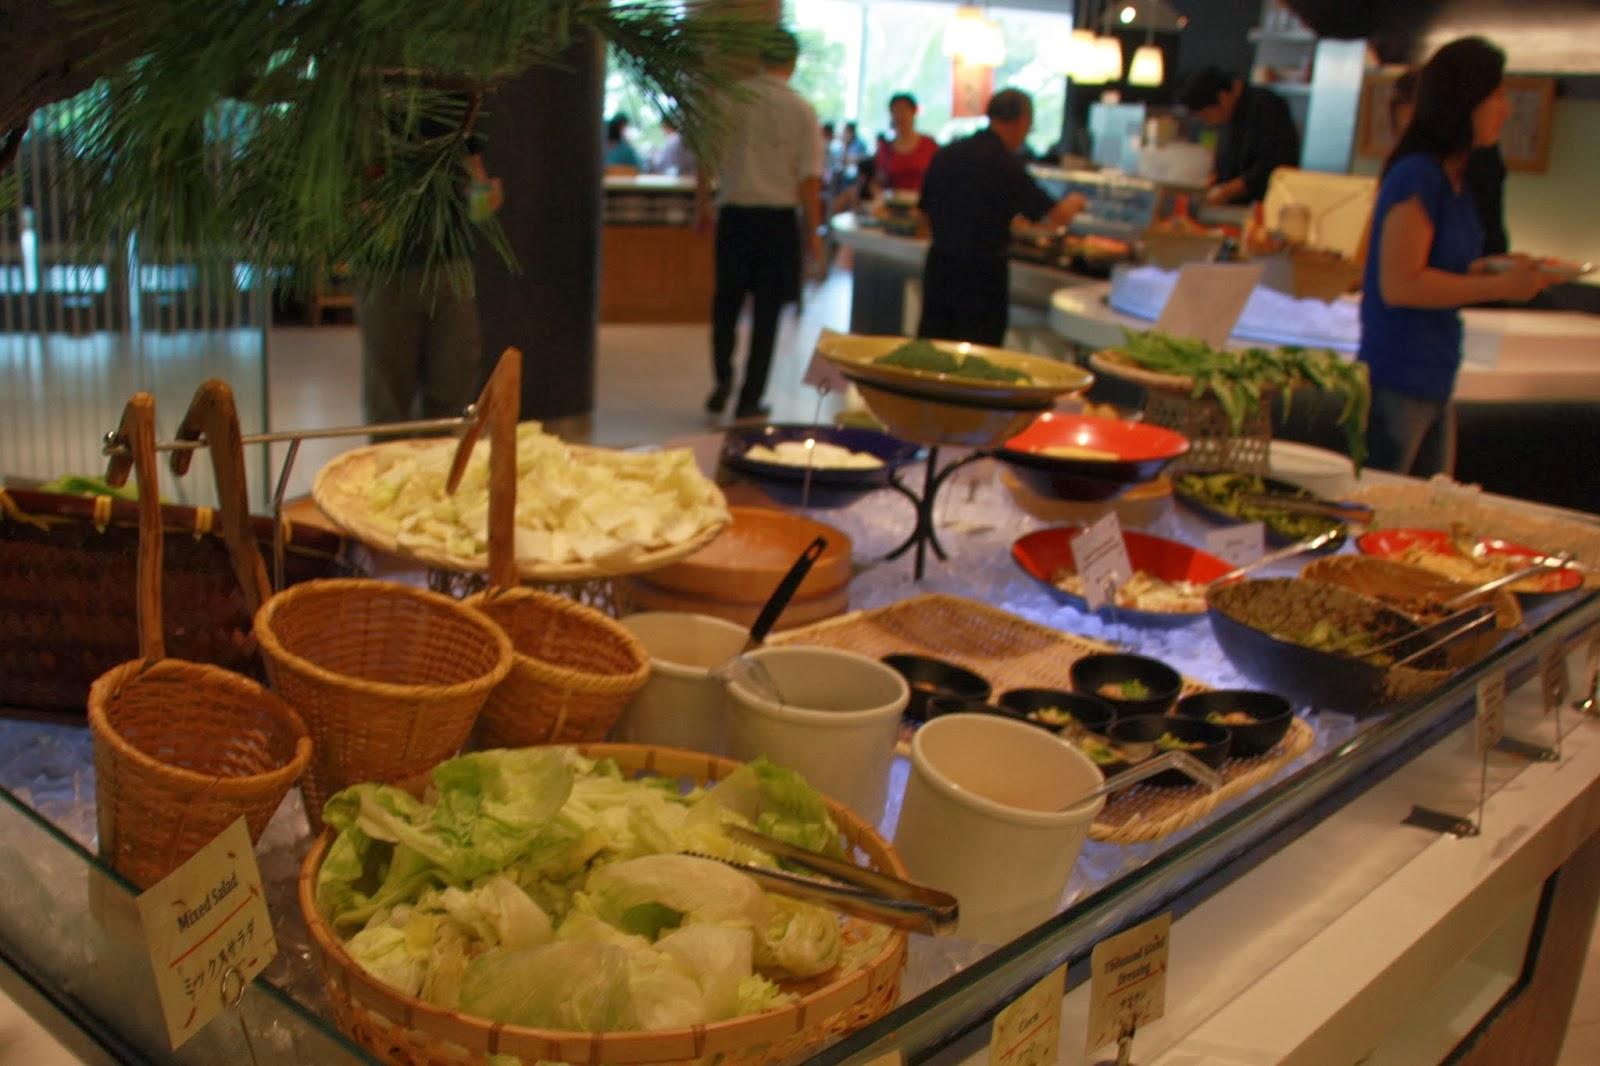 Owen residents committee senior citizens week for Table 52 restaurant week menu 2013